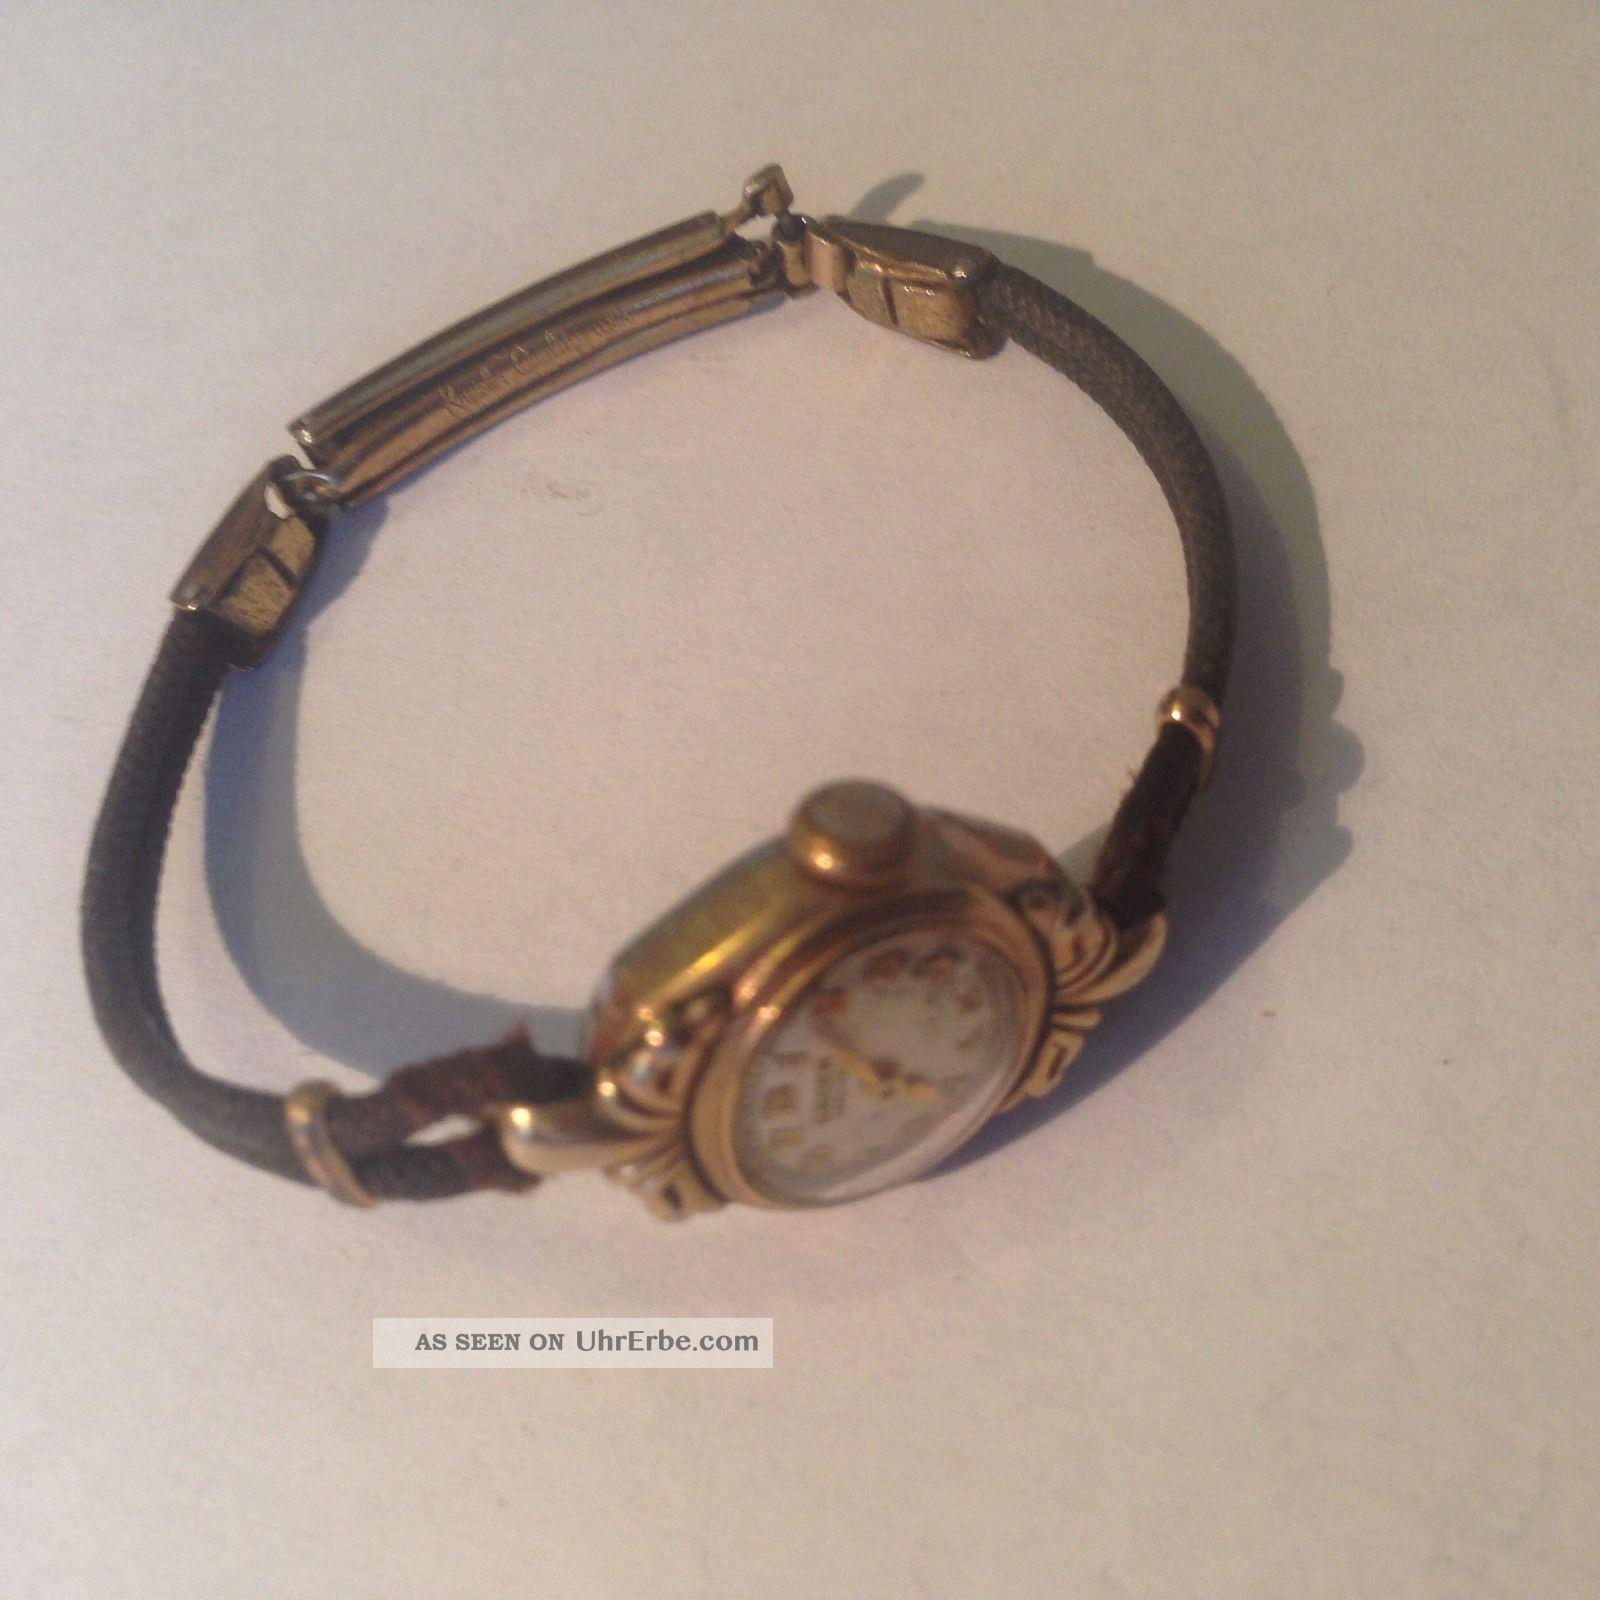 Schweizer Gruen Vero - Thin Art Deco Vintage 10k Gold Damenuhr 15 Jewels Um 1930 Armbanduhren Bild